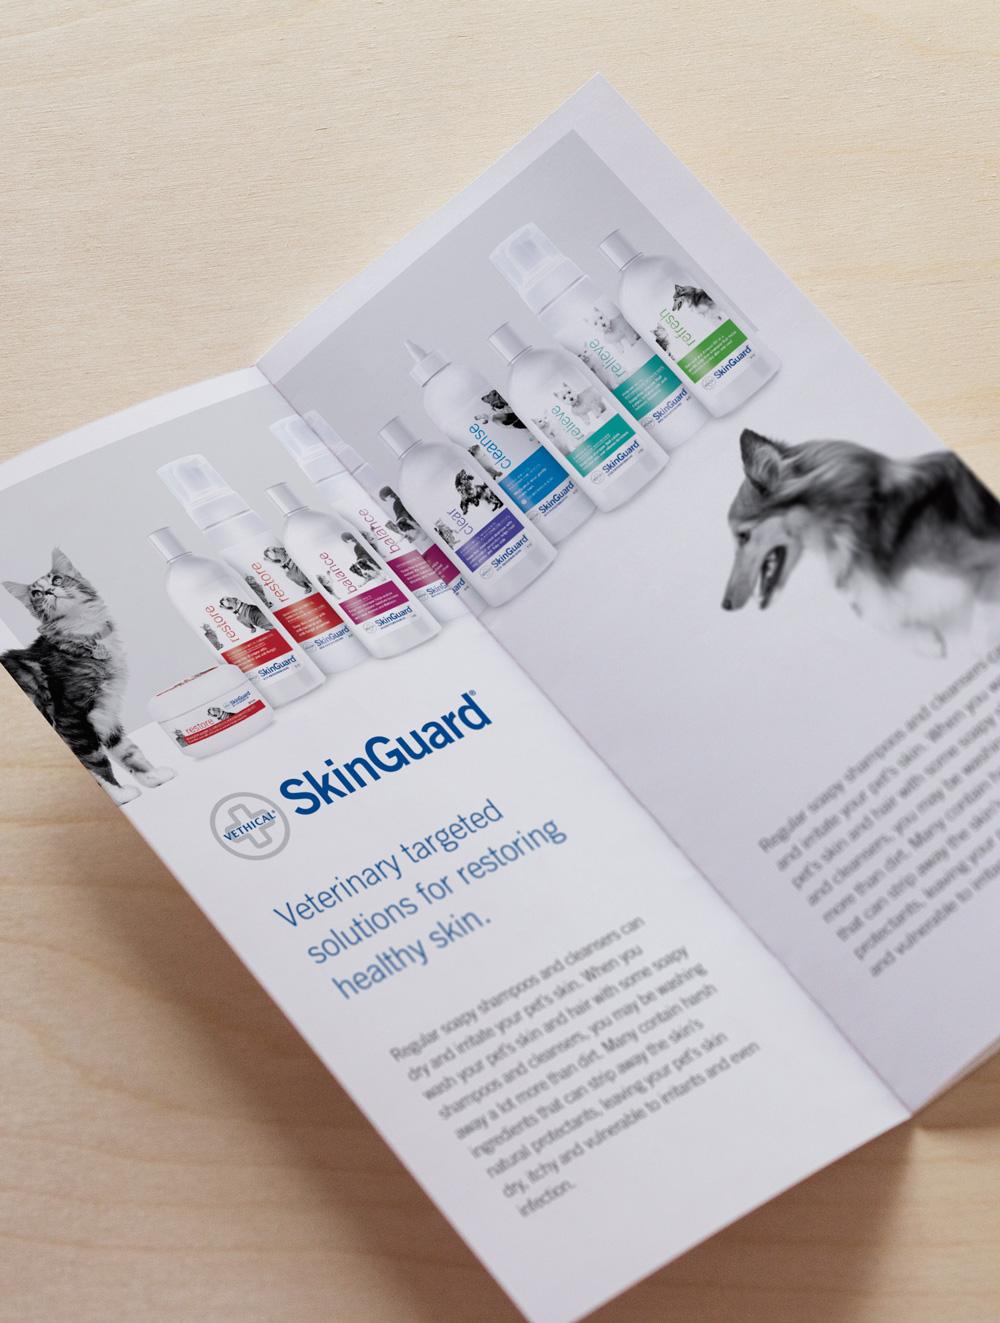 skinguard-detailer.jpg